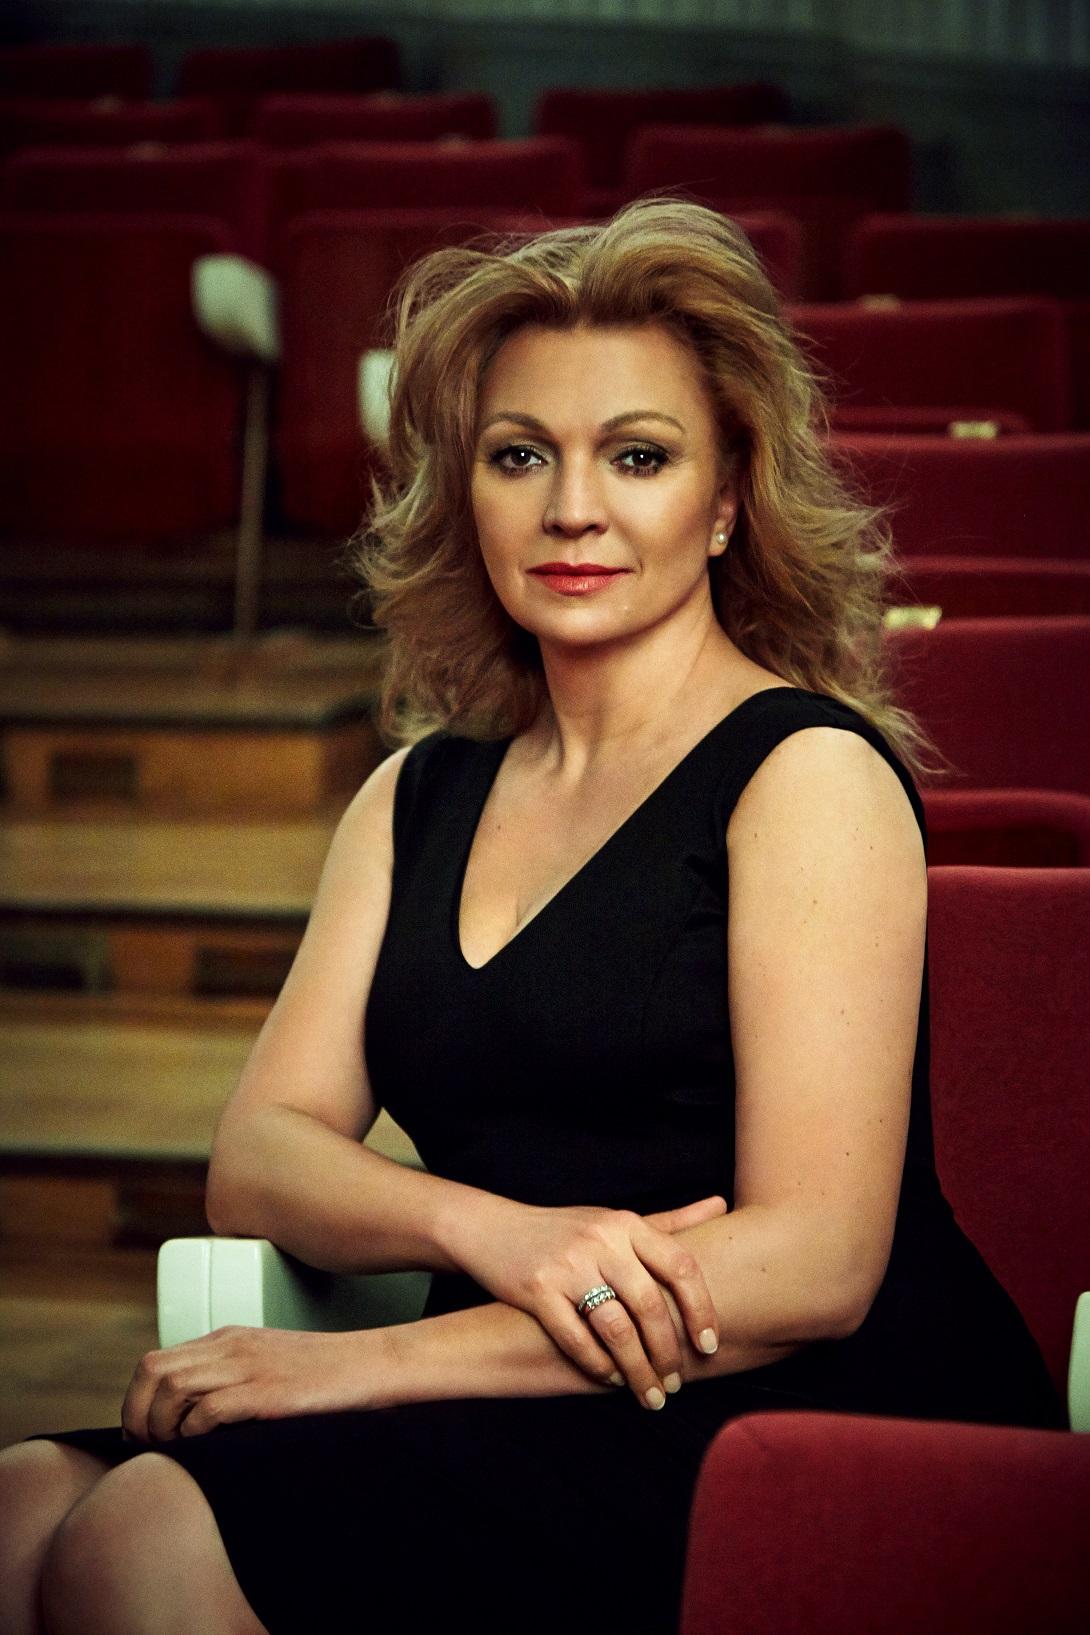 Małgorzata Walewska, fot. Bartek Banaszak (źródło: materiały prasowy)